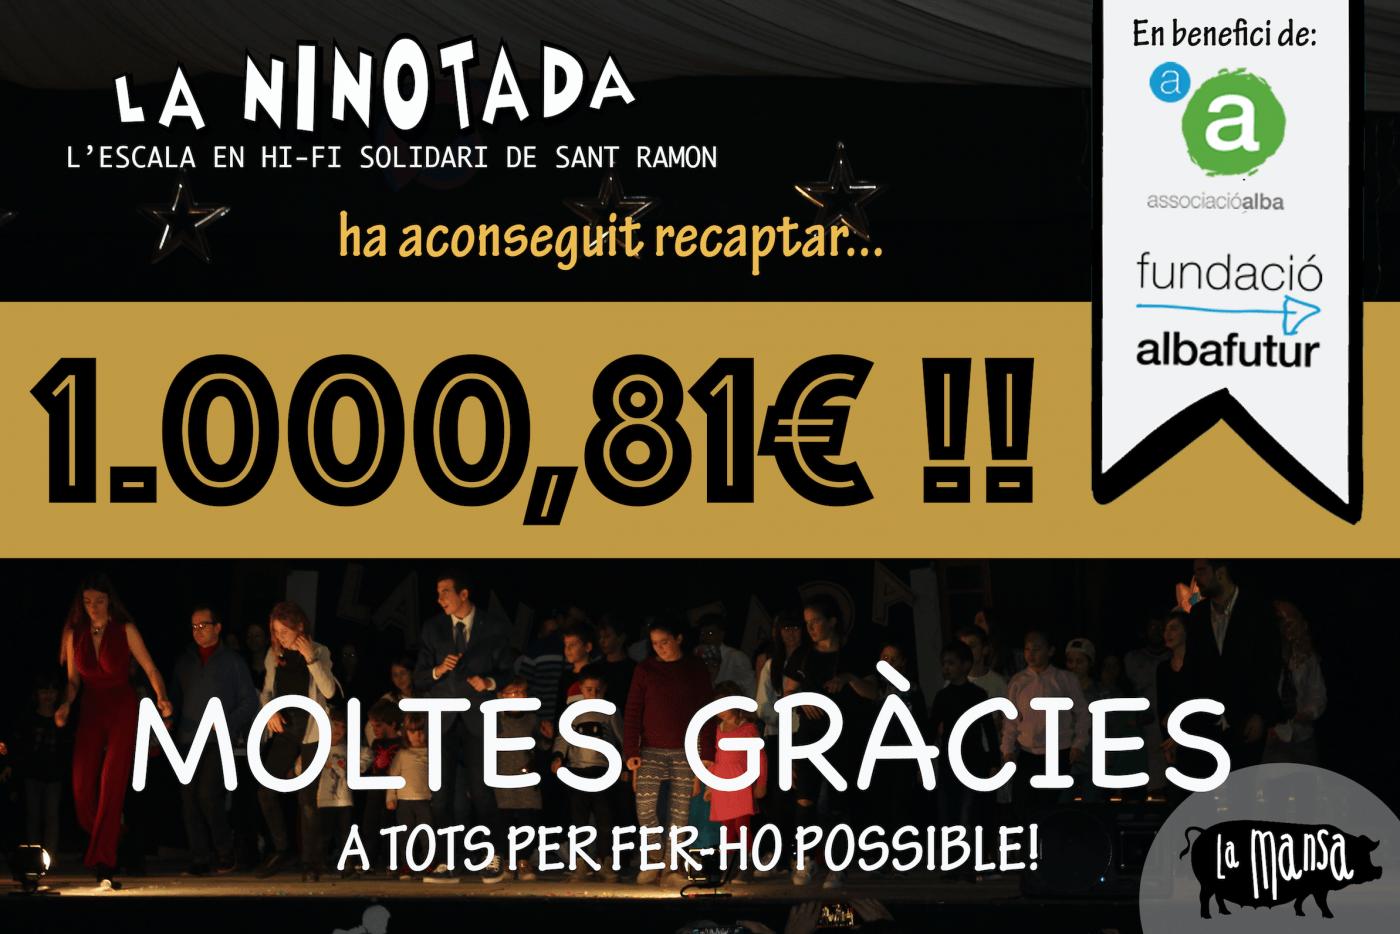 La Ninotada recapta 1.000 euros en benefici de l'Associació Alba de Tàrrega